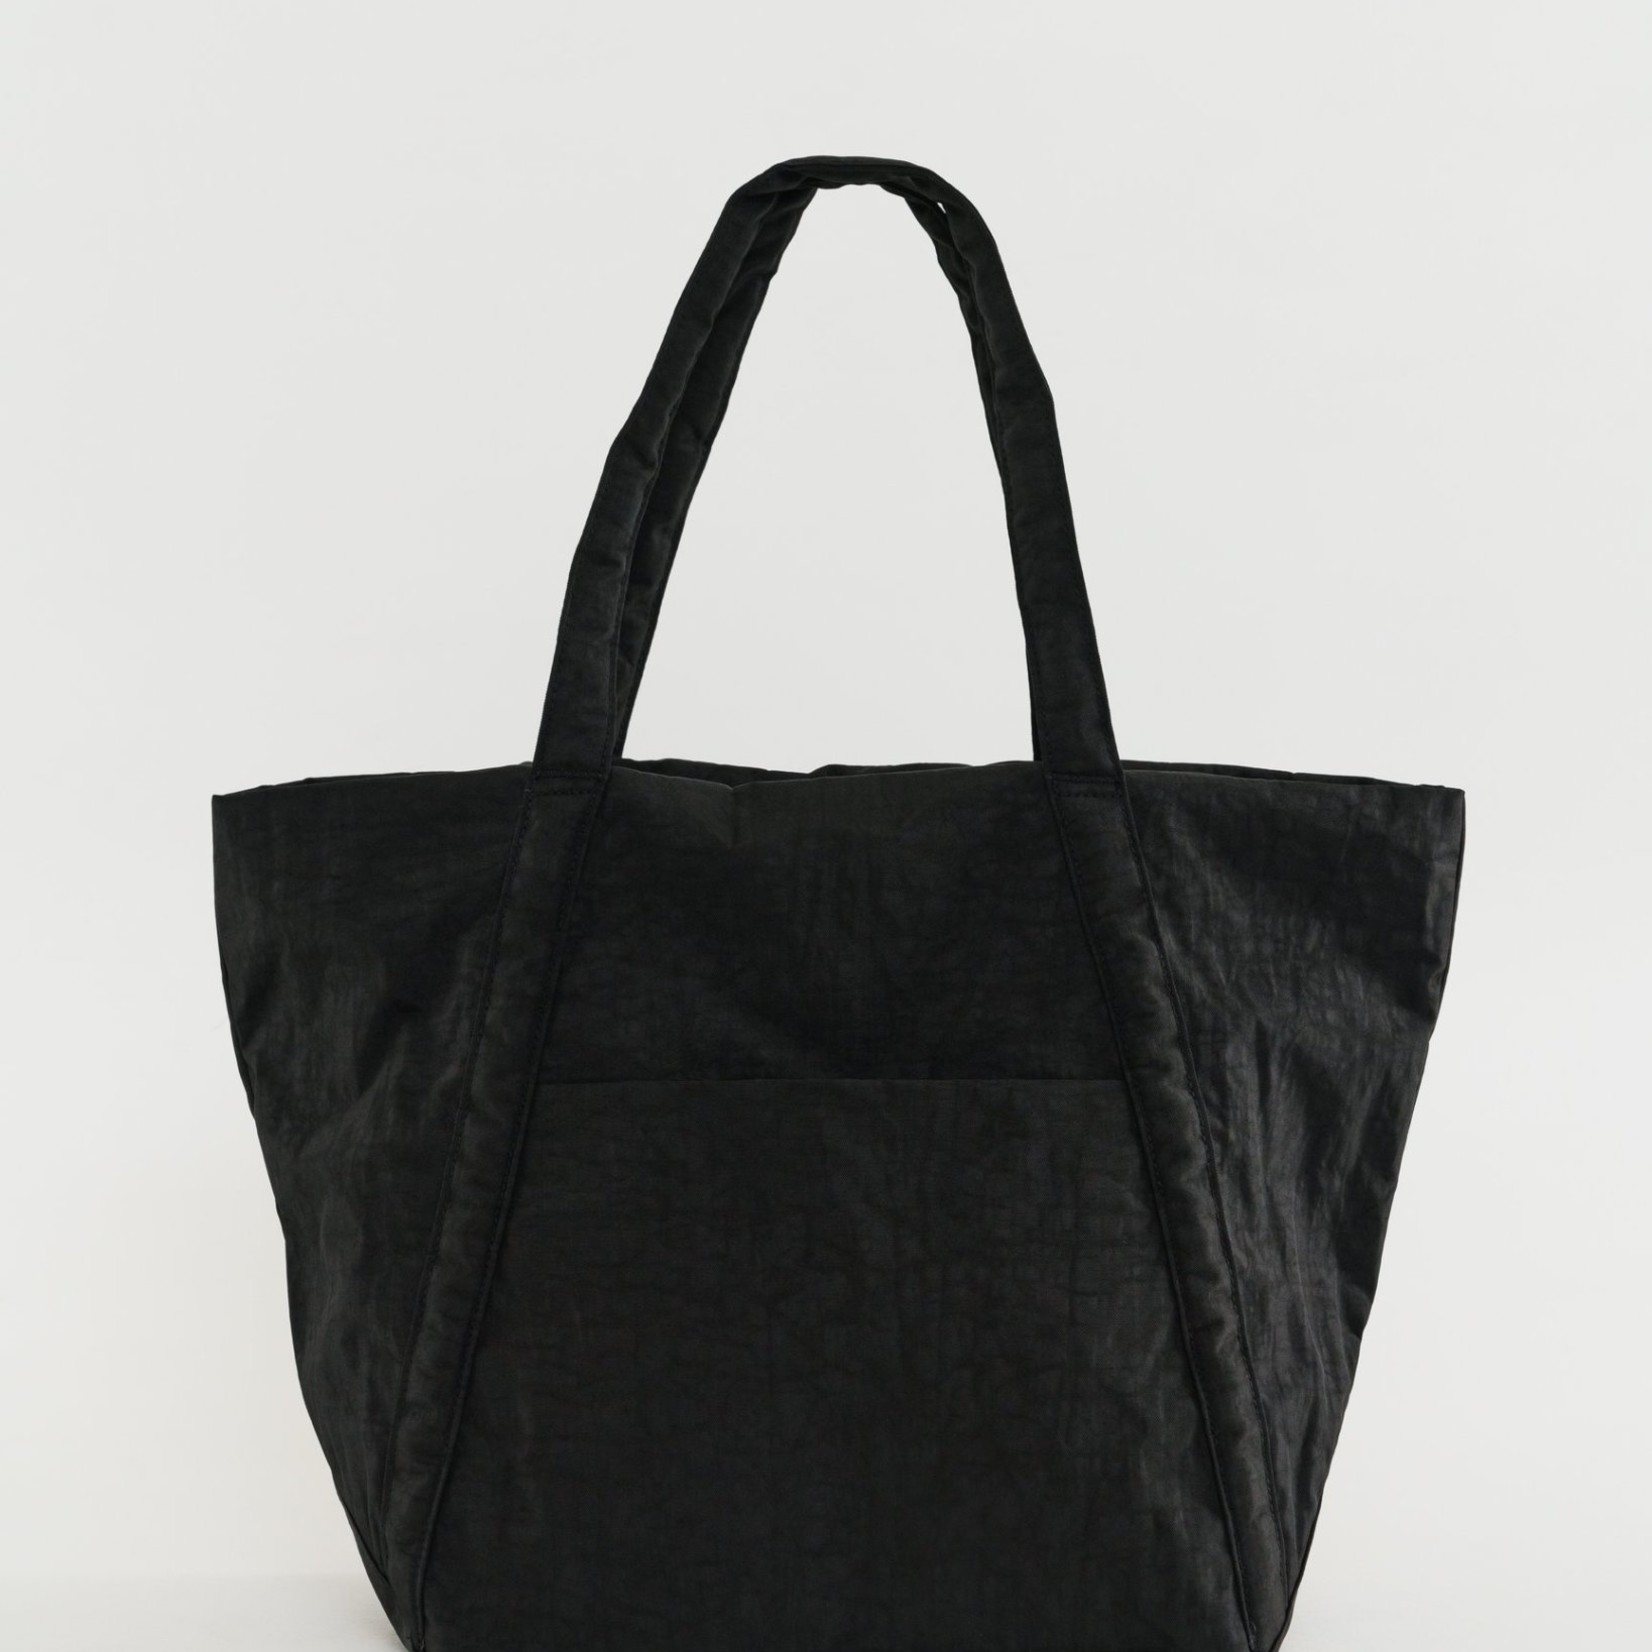 Baggu Baggu Cloud Bag Black